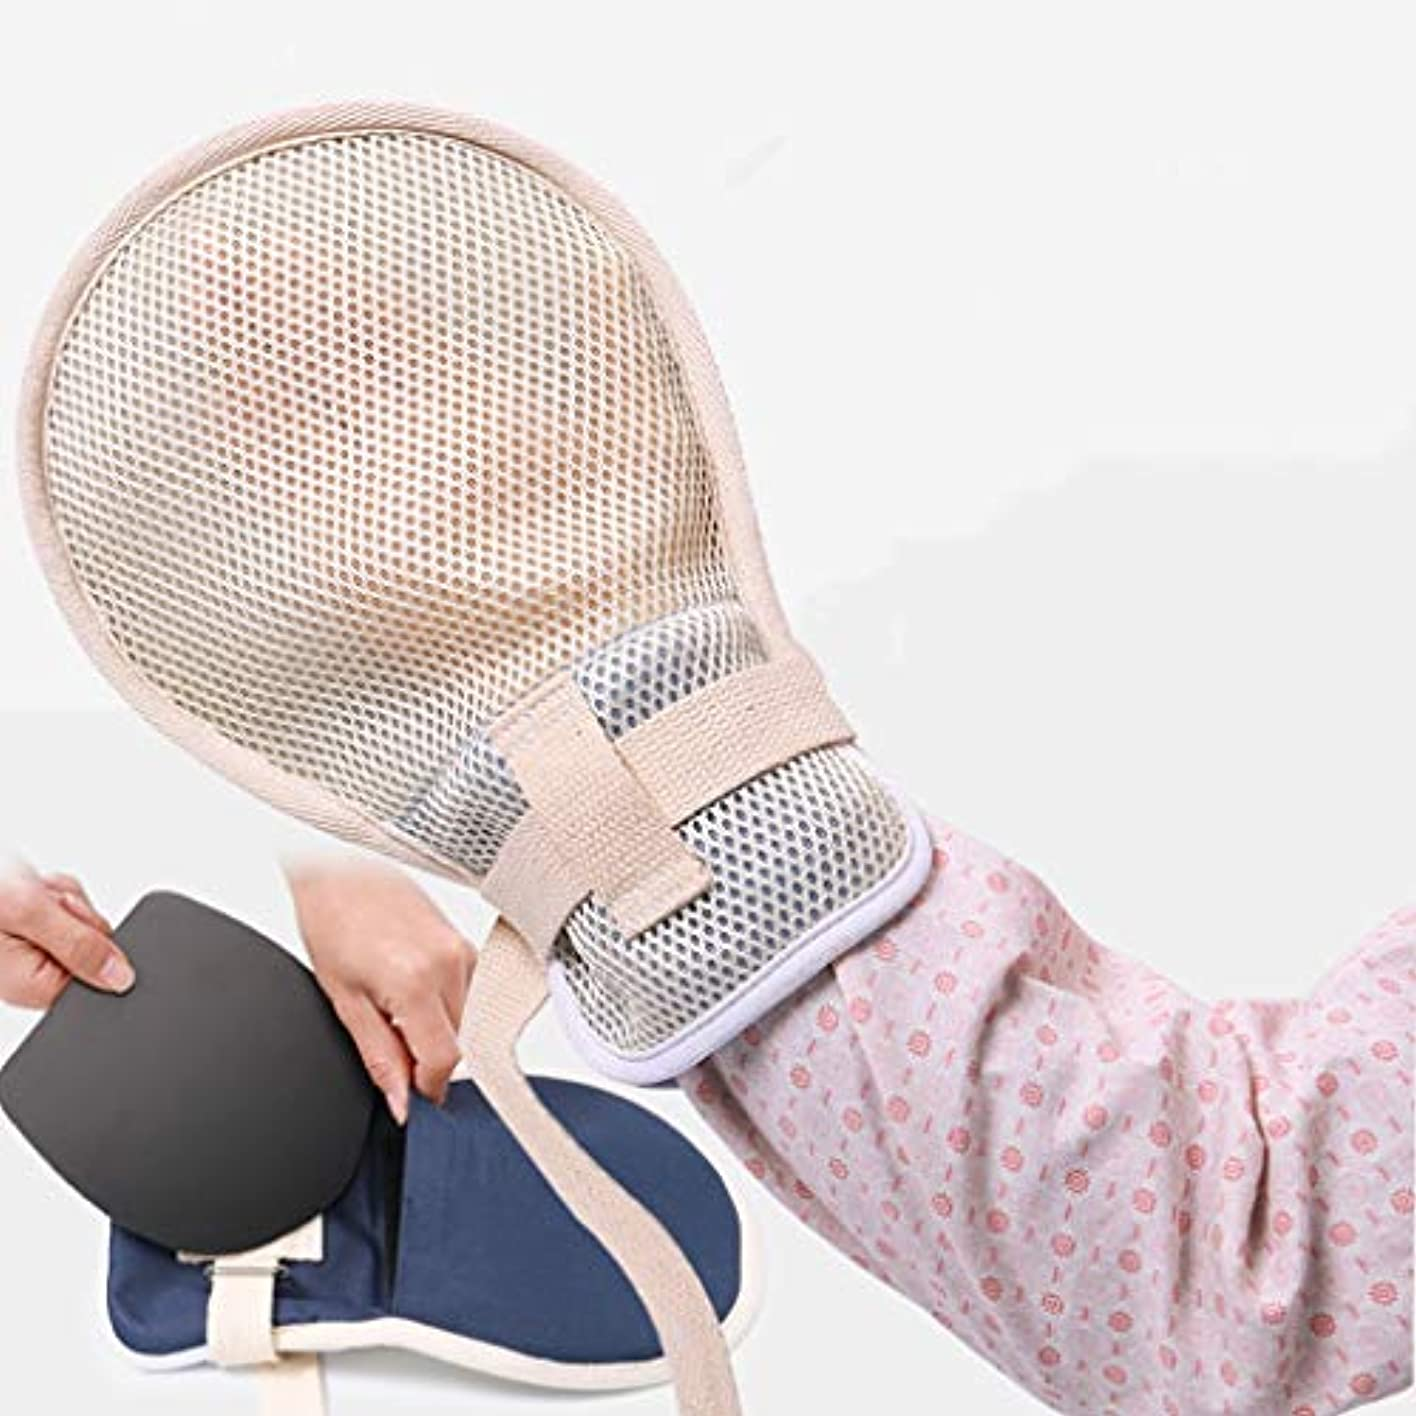 デコレーション信念入場料医療用拘束手袋 - 認知症用手袋安全手袋 - 患者用手感染プロテクター自己害を防ぐためのパッド入りミット